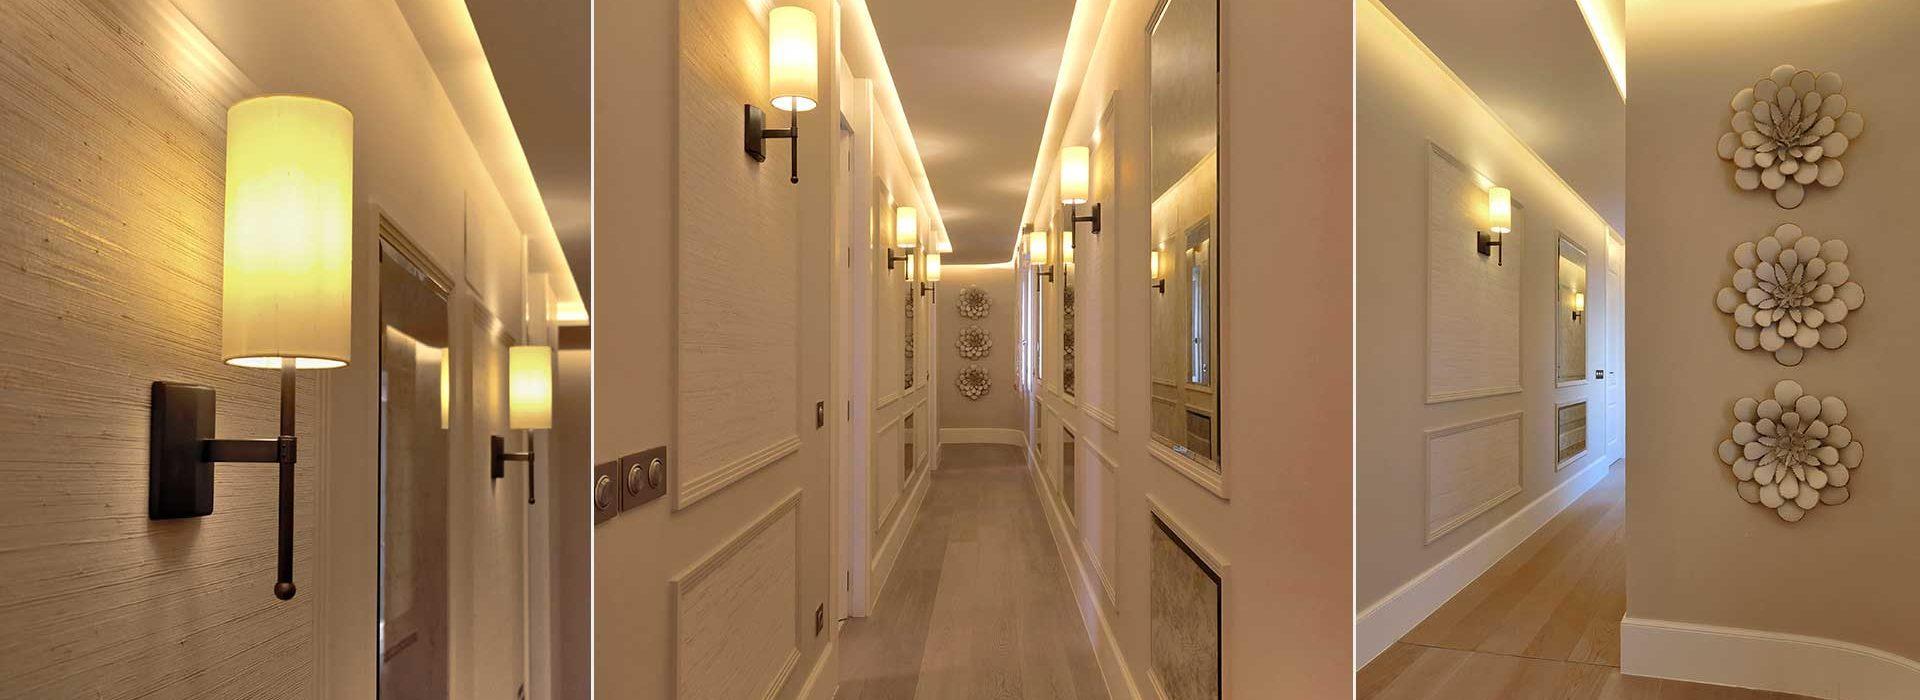 MADRID-FAMILY-APARTMENT-08-Dome-interior-design-Geneve-Suisse